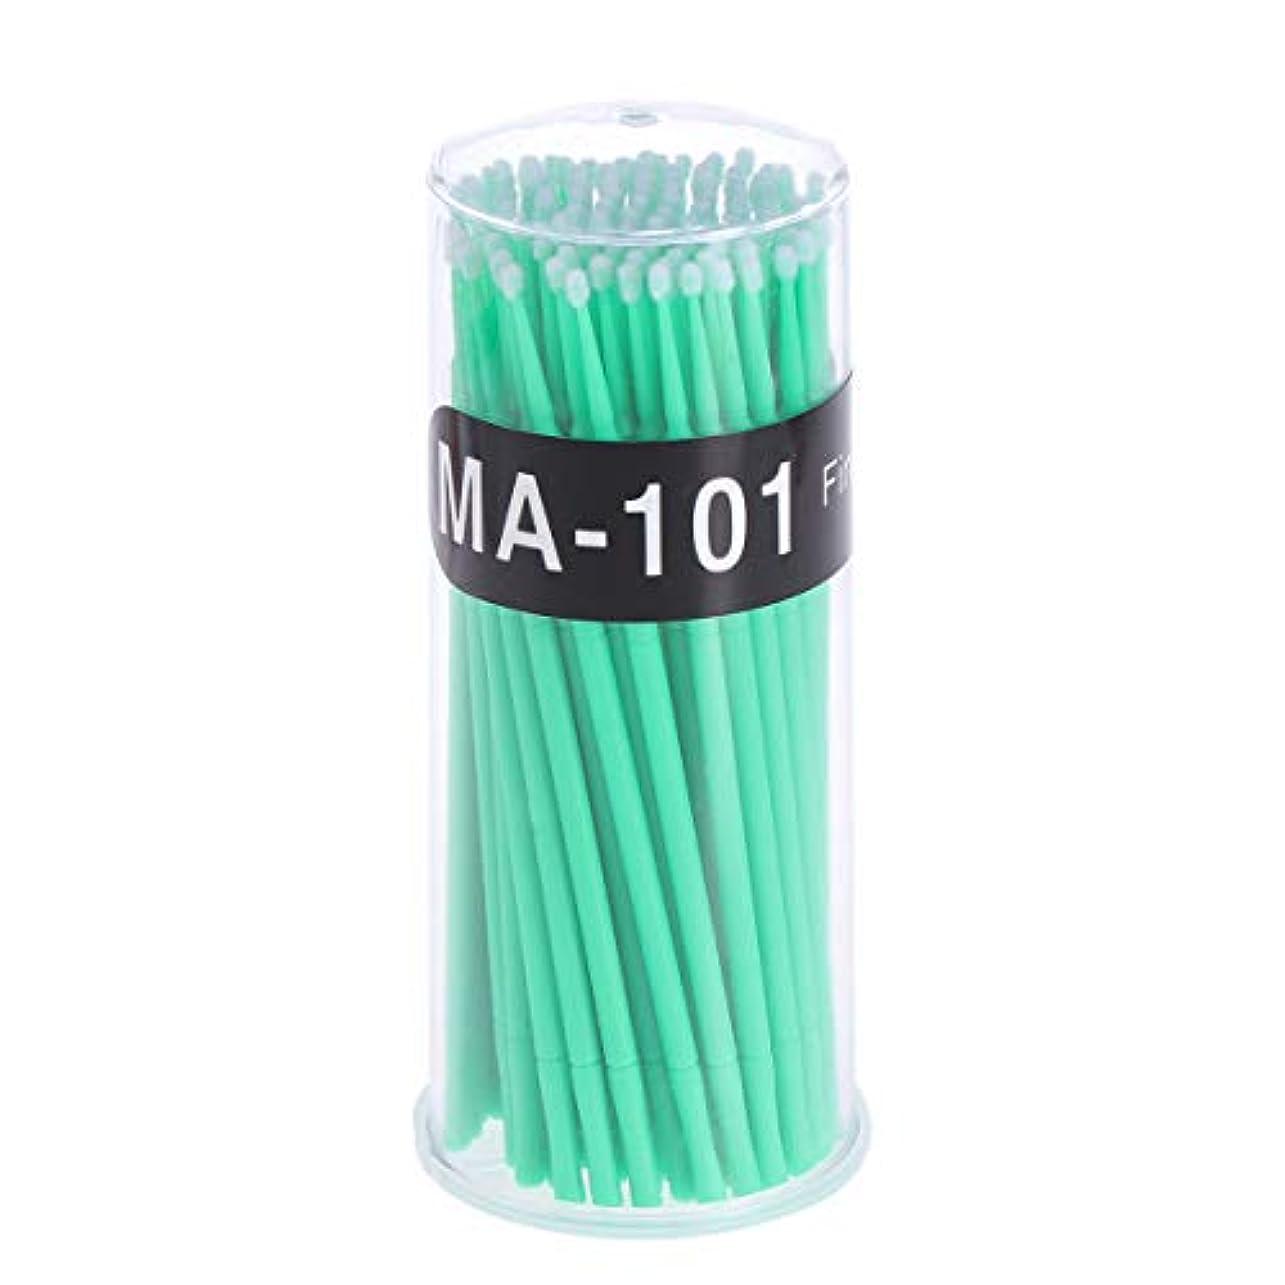 起きる味わう見る100個使い捨てマイクロアプリケータブラシまつげエクステンション綿棒まつげマイクロブラシワンドメイクアップツール(グリーン、ブラシ直径2mm)